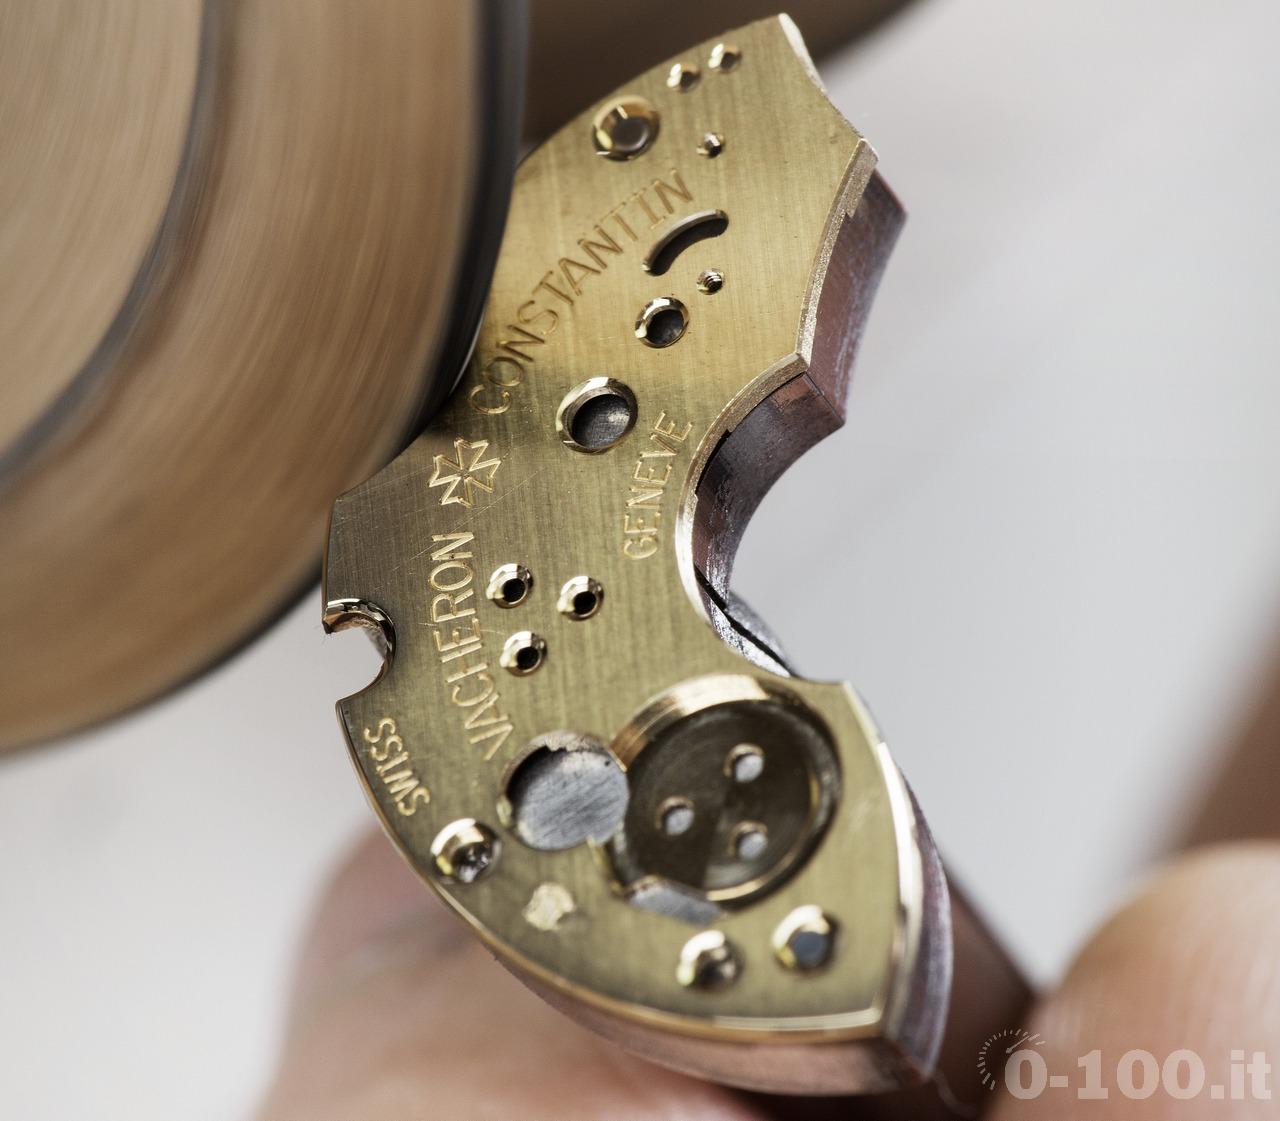 gli-speciali-di-0-100-it-vacheron-constantin-la-manifattura-a-les-brassus_0-1004